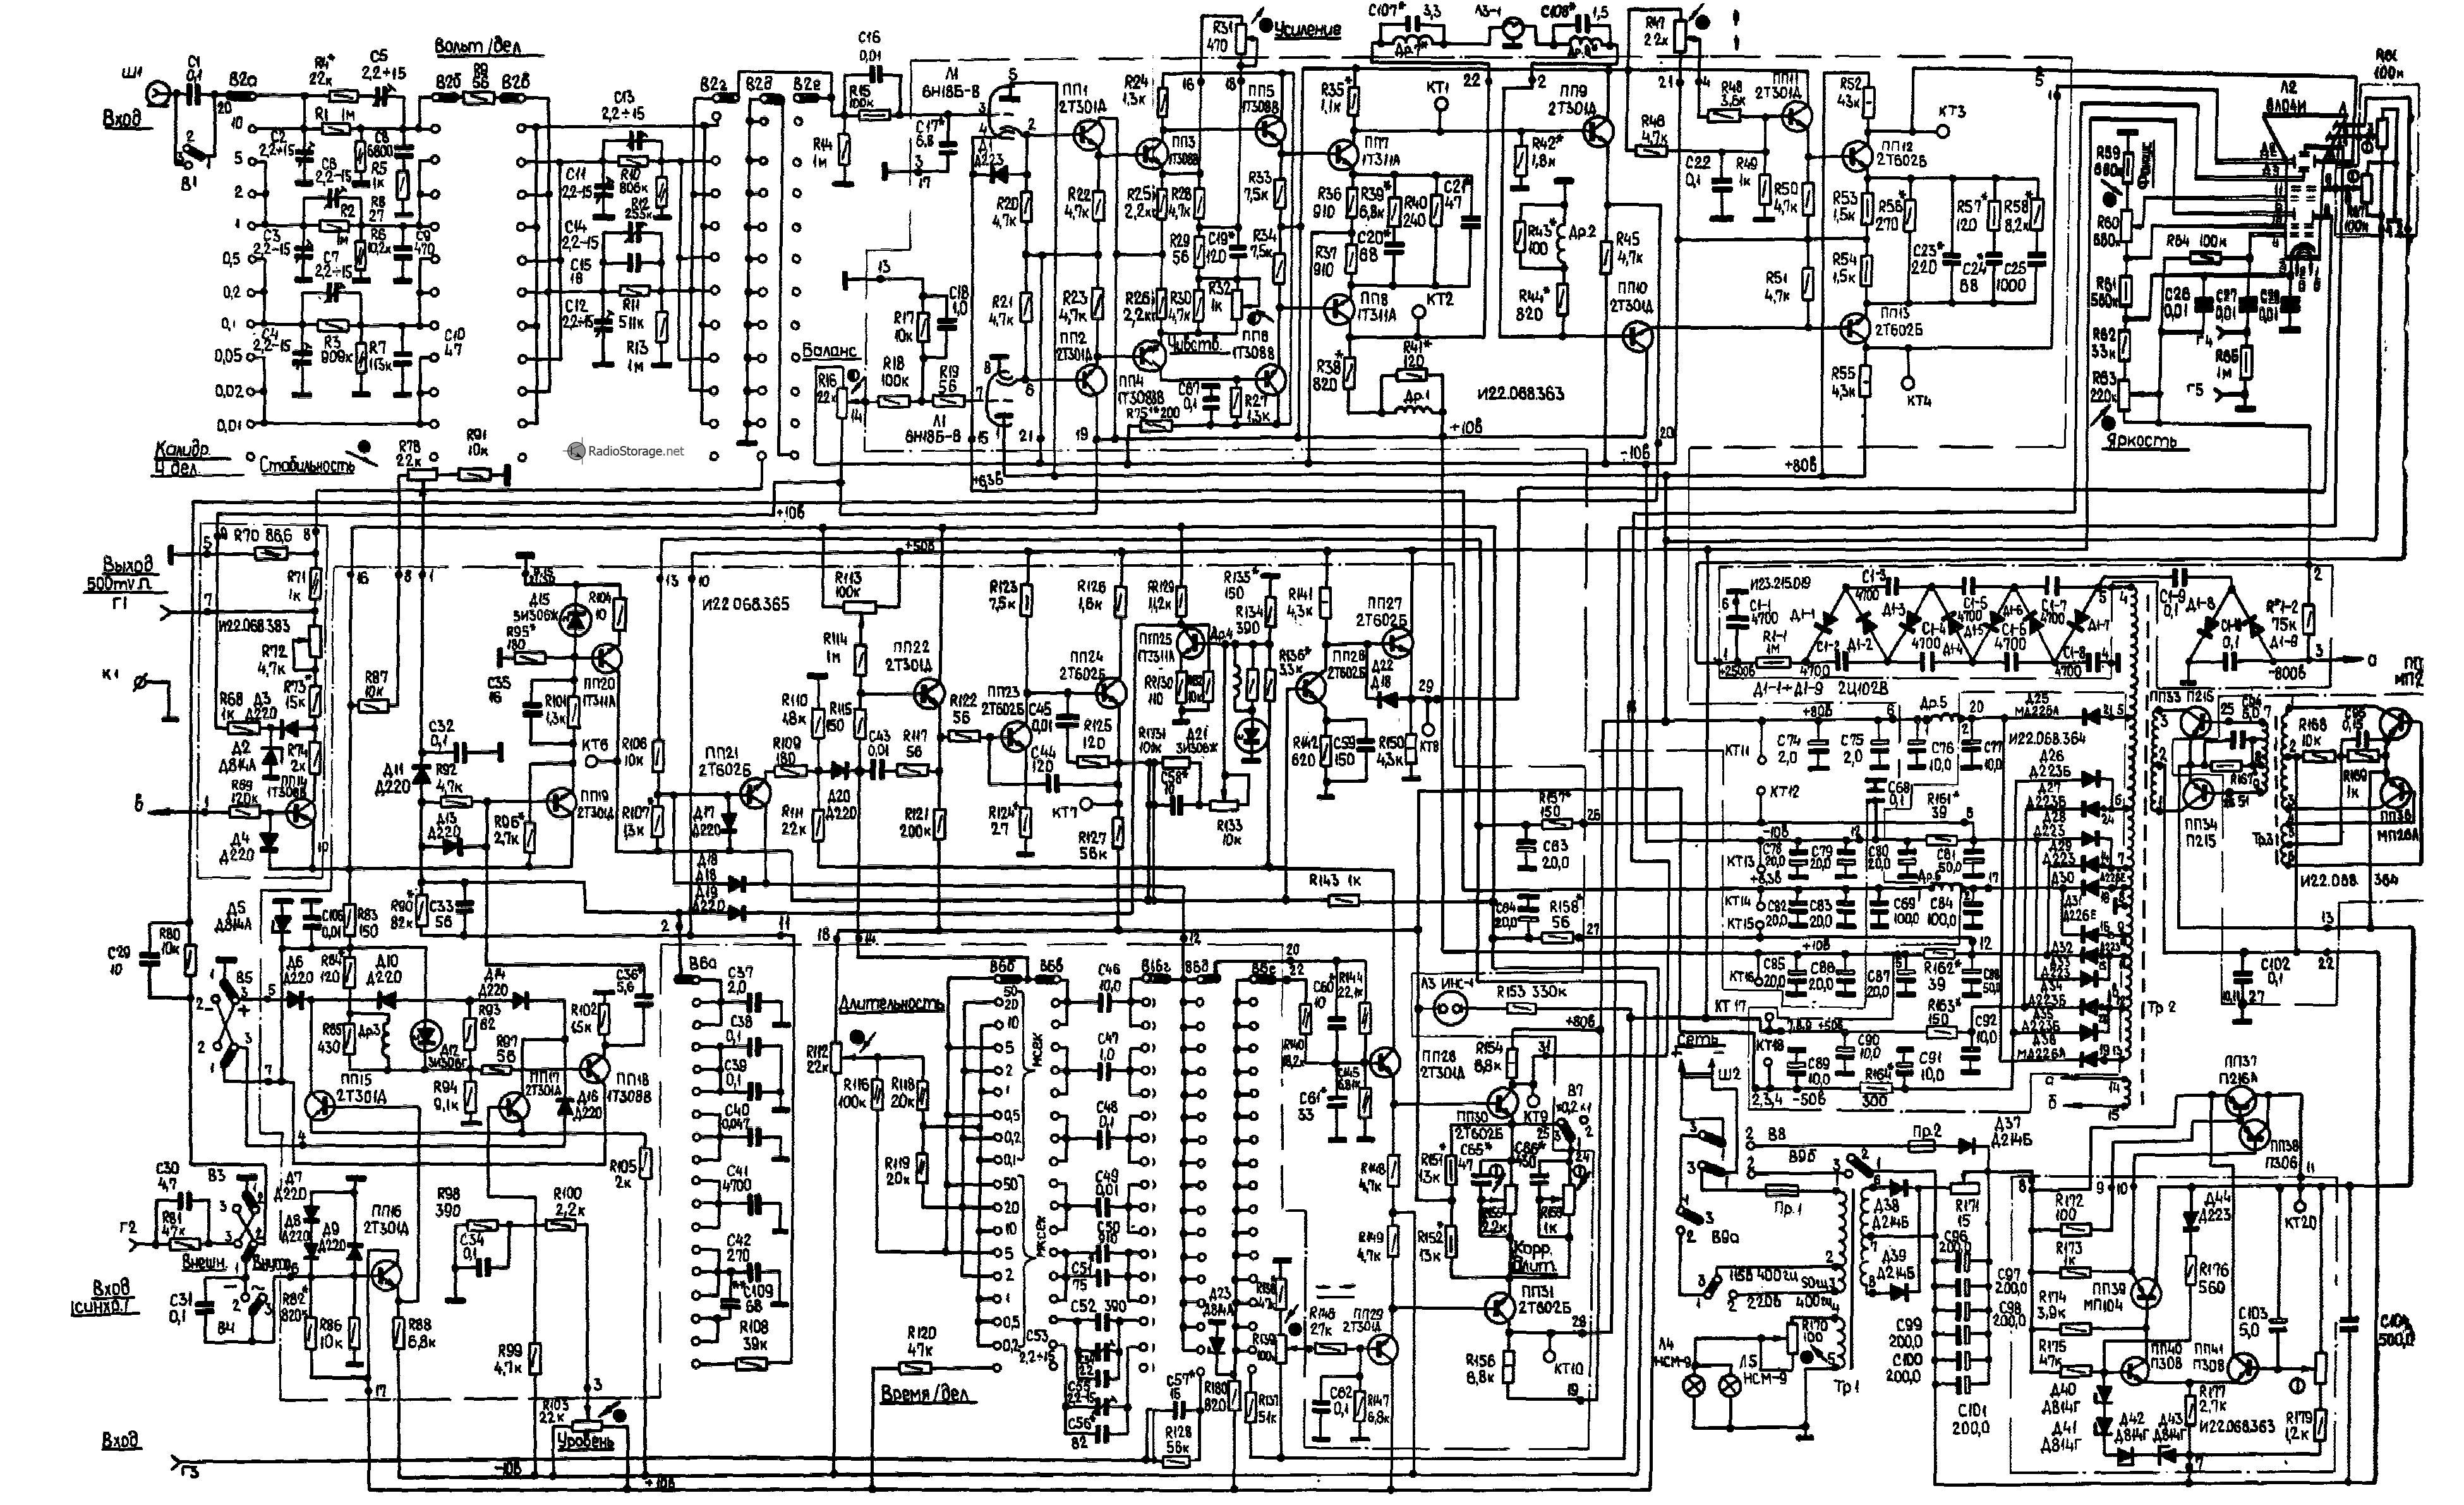 Осциллограф С1-49, схема